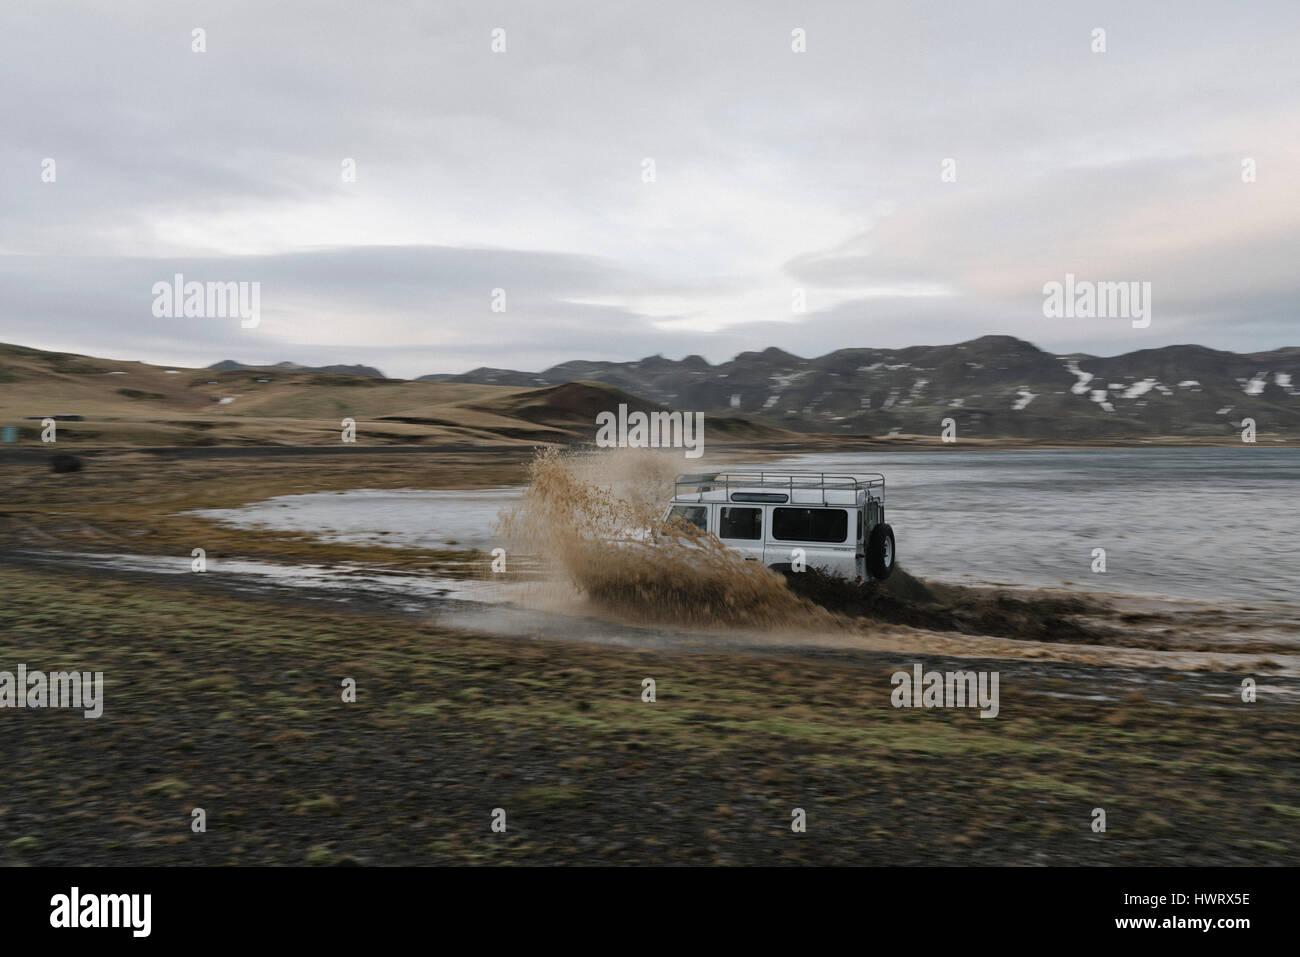 Conducción Land Rover off road a través del accidentado paisaje islandés. Imagen De Stock